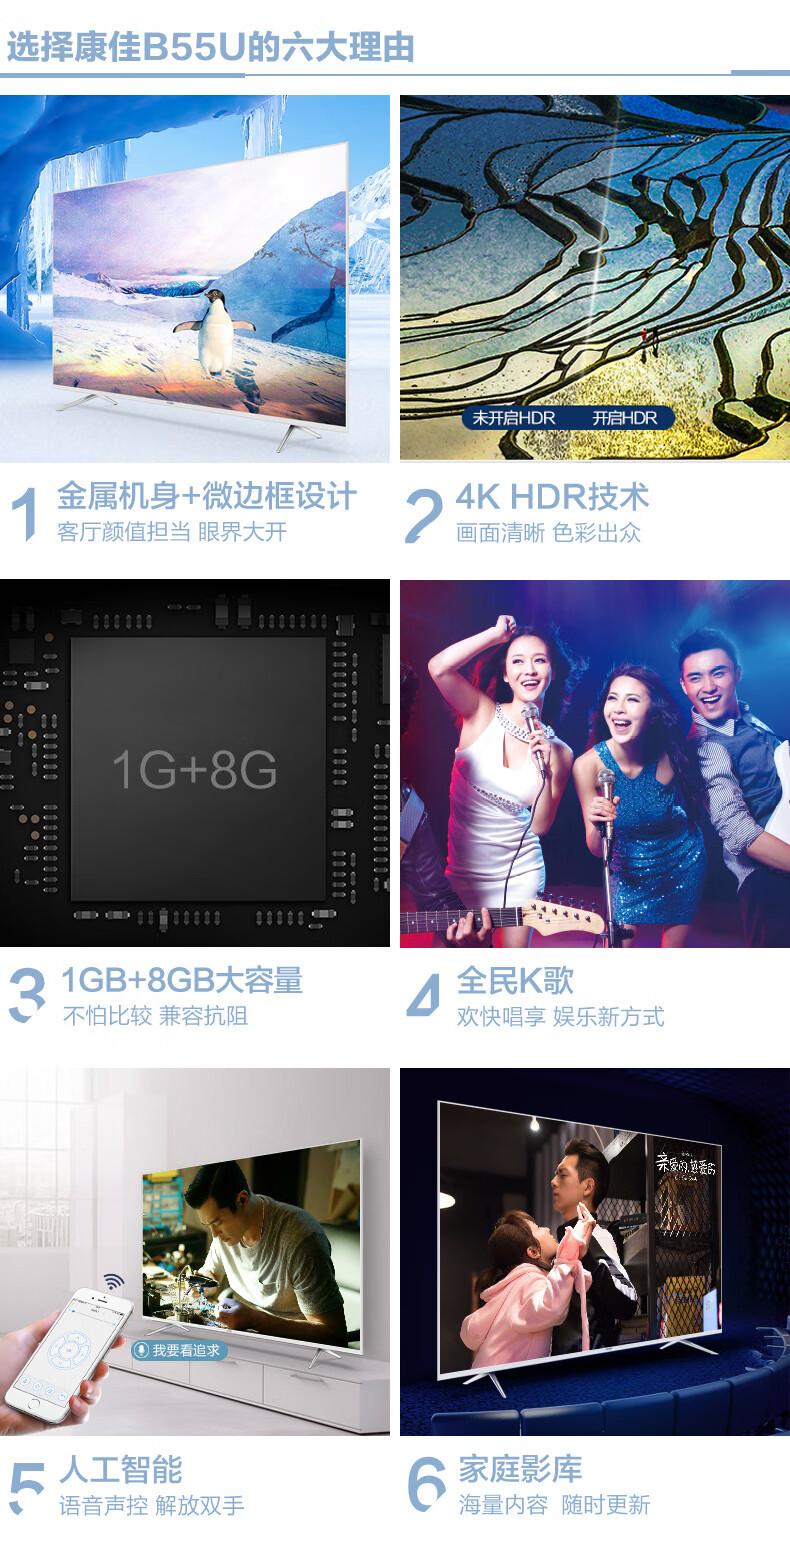 选择康佳B55U的六大理由未开启HDR开启HDR金属机身+微边框设计4KHDR技术客厅颜值担当眼界大开画面清晰色彩出众1G+8G31GB+8GB大容量全民K歌不怕比较兼容抗阻欢快唱享娱乐新方式人工智能家庭影库语音声控解放双手海量内容随时更新-推好价 | 品质生活 精选好价